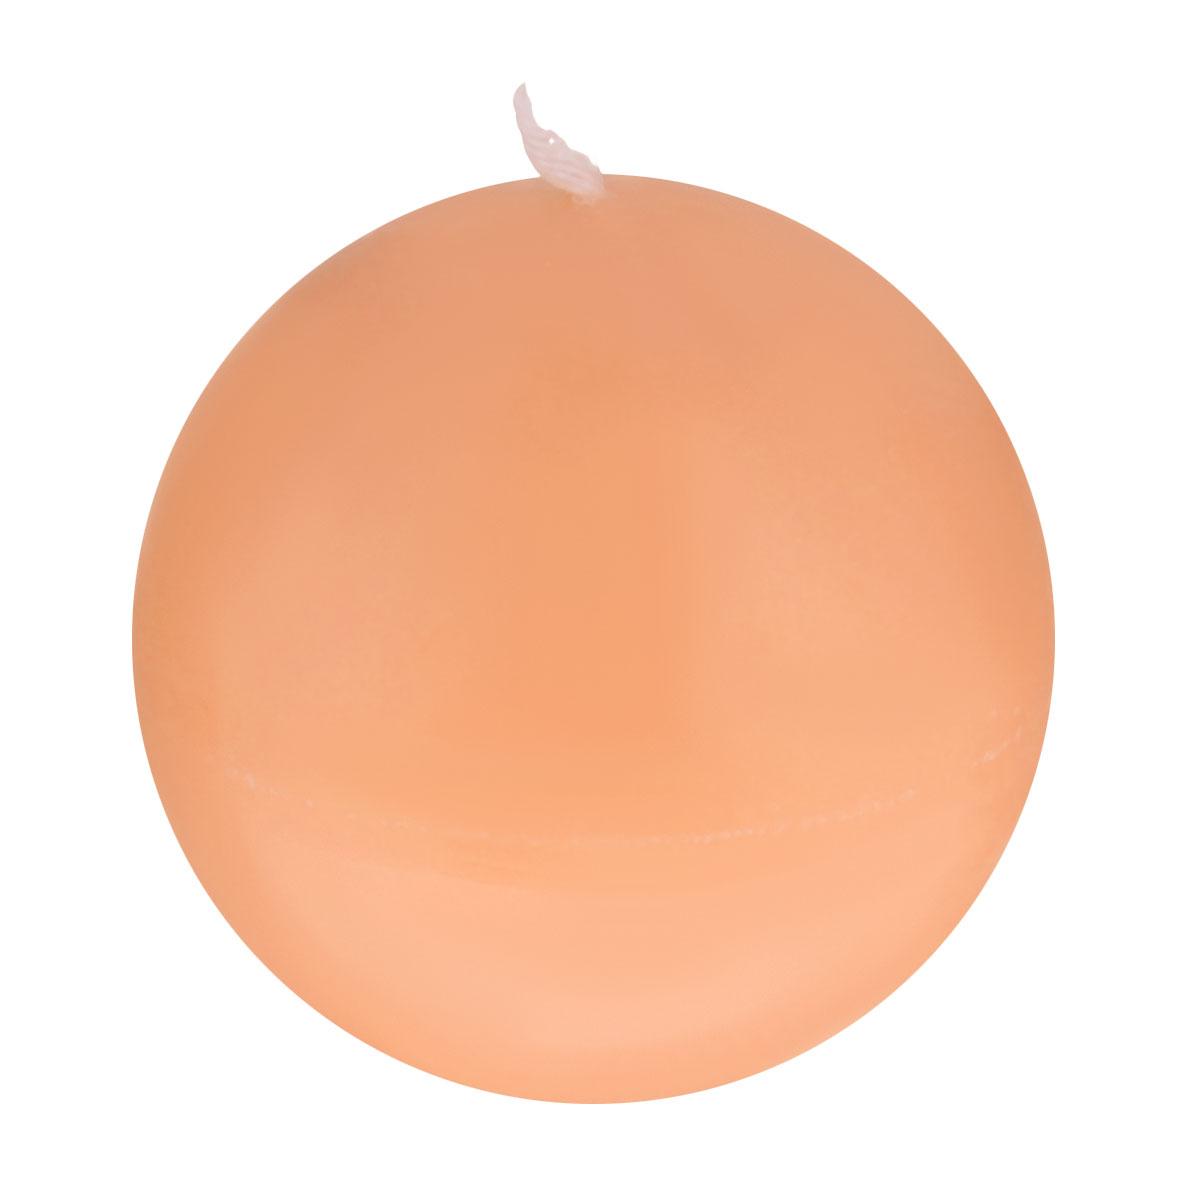 Свеча декоративная Proffi Шар, цвет: оранжевый, диаметр 7,5 смPH3455Шарообразная декоративная свеча Proffi Шар изготовлена из парафина, стеарина. Предназначена для освещения и украшения помещений. Такая свеча может стать отличным подарком или дополнить интерьер вашей спальни или гостиной.